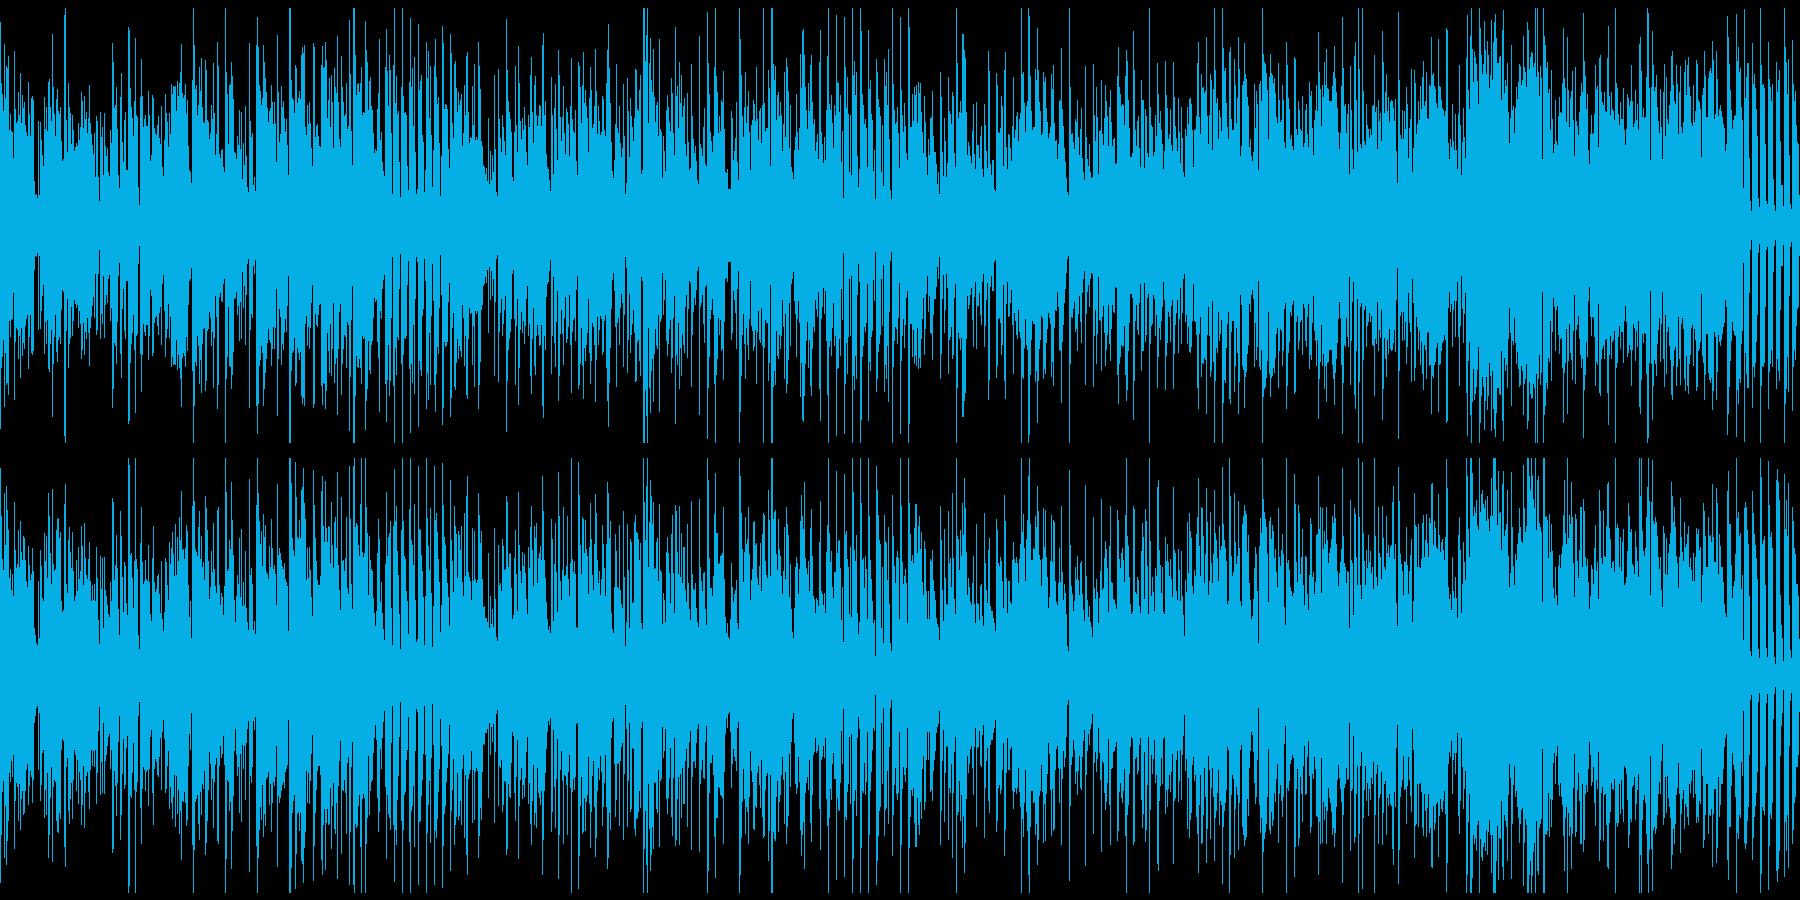 明るい爽快なジャズファンク ※ループ版の再生済みの波形